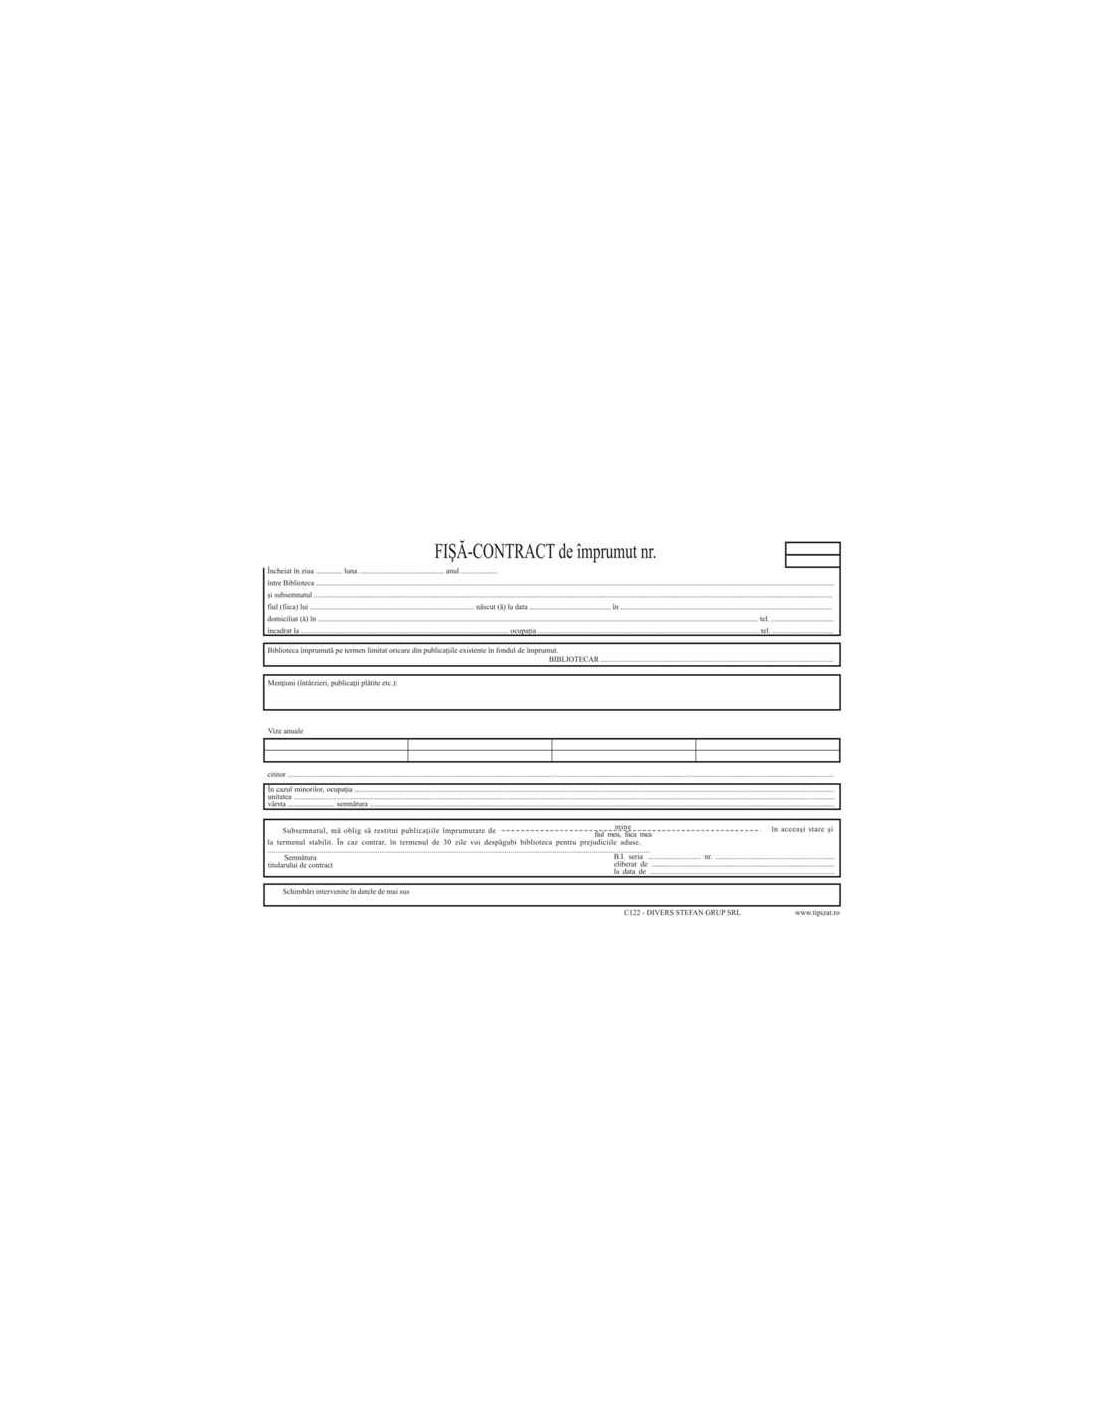 Contract de împrumut